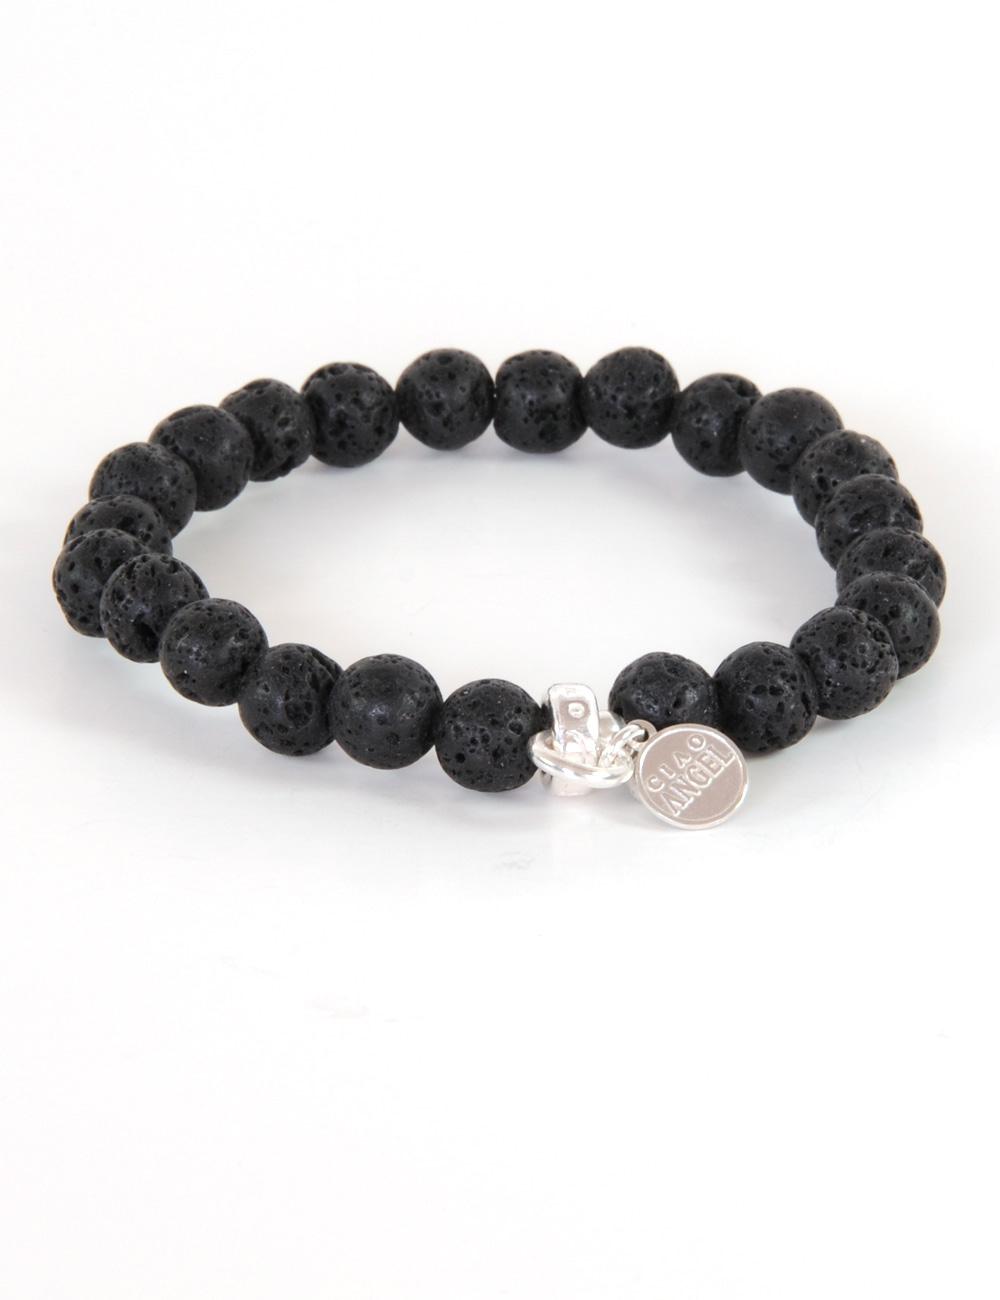 2021-01-22-necklaces